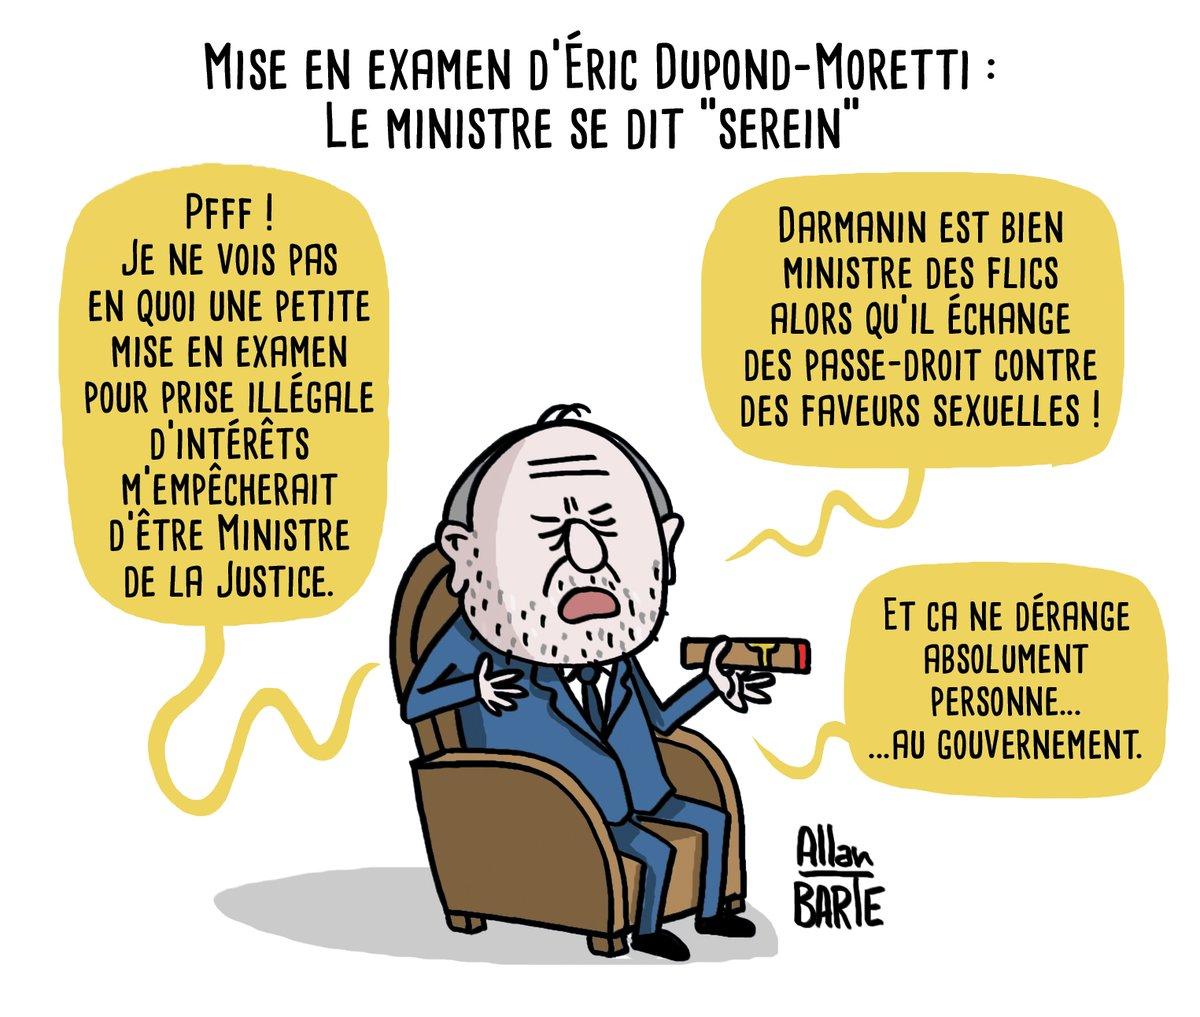 """Allan BARTE on Twitter: """"Vous voyez le mal partout ! #DupondMoretti Mise en  examen d'Éric Dupond-Moretti pour prise illégale d'intérêts : le ministre  se dit """"serein"""" ▷ Source : https://t.co/XCJqmGmDeR #DupontMoretti #Darmanin"""